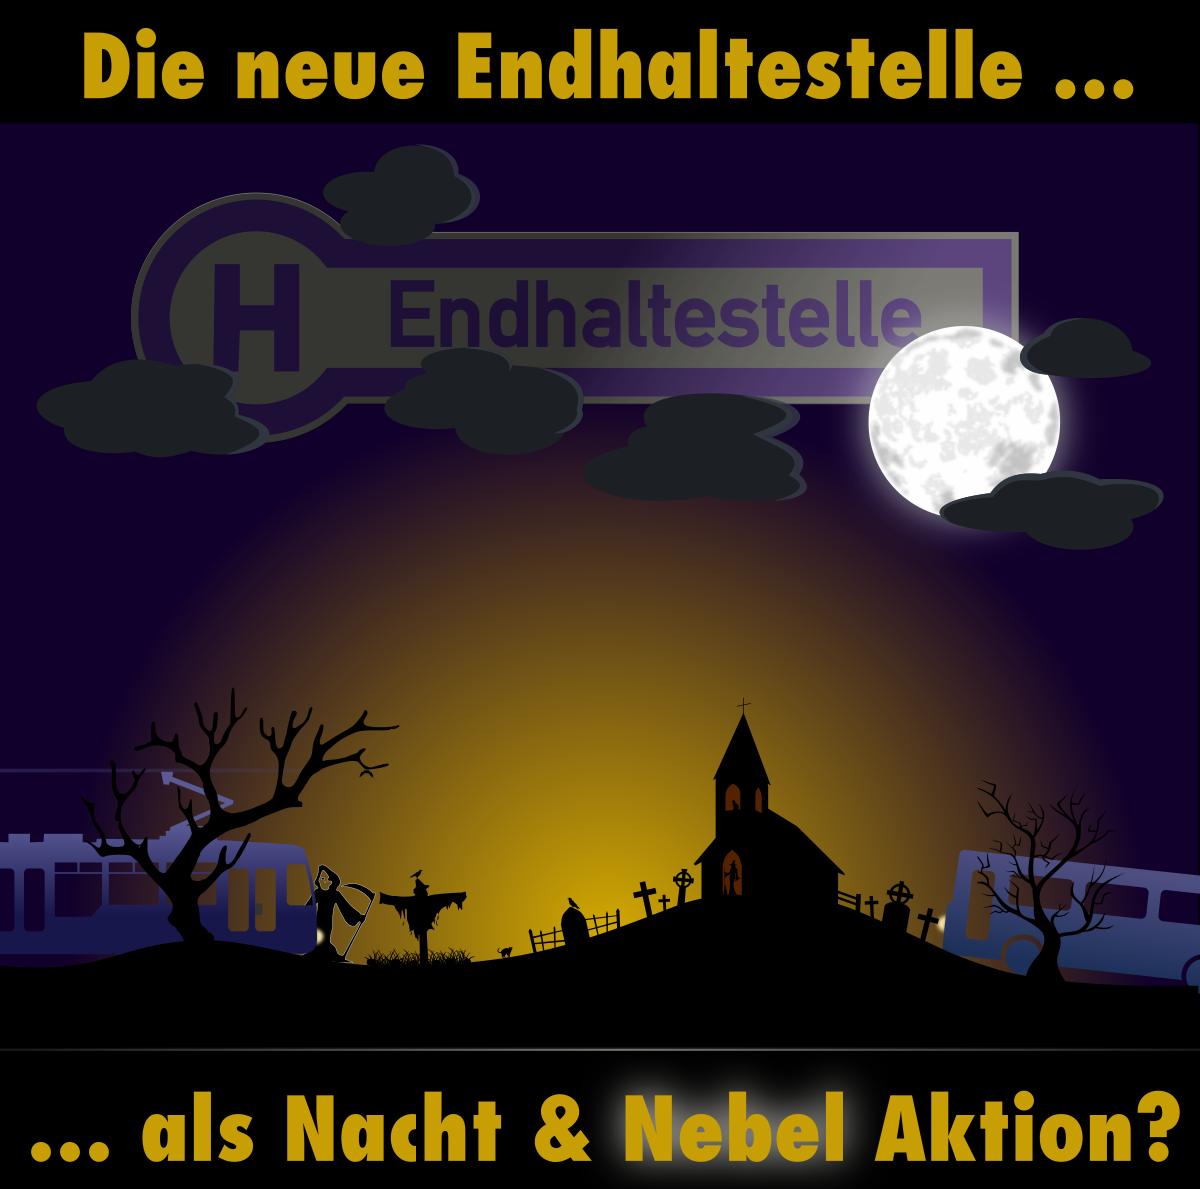 Die neue Endhaltestelle als Nacht & Nebelaktion